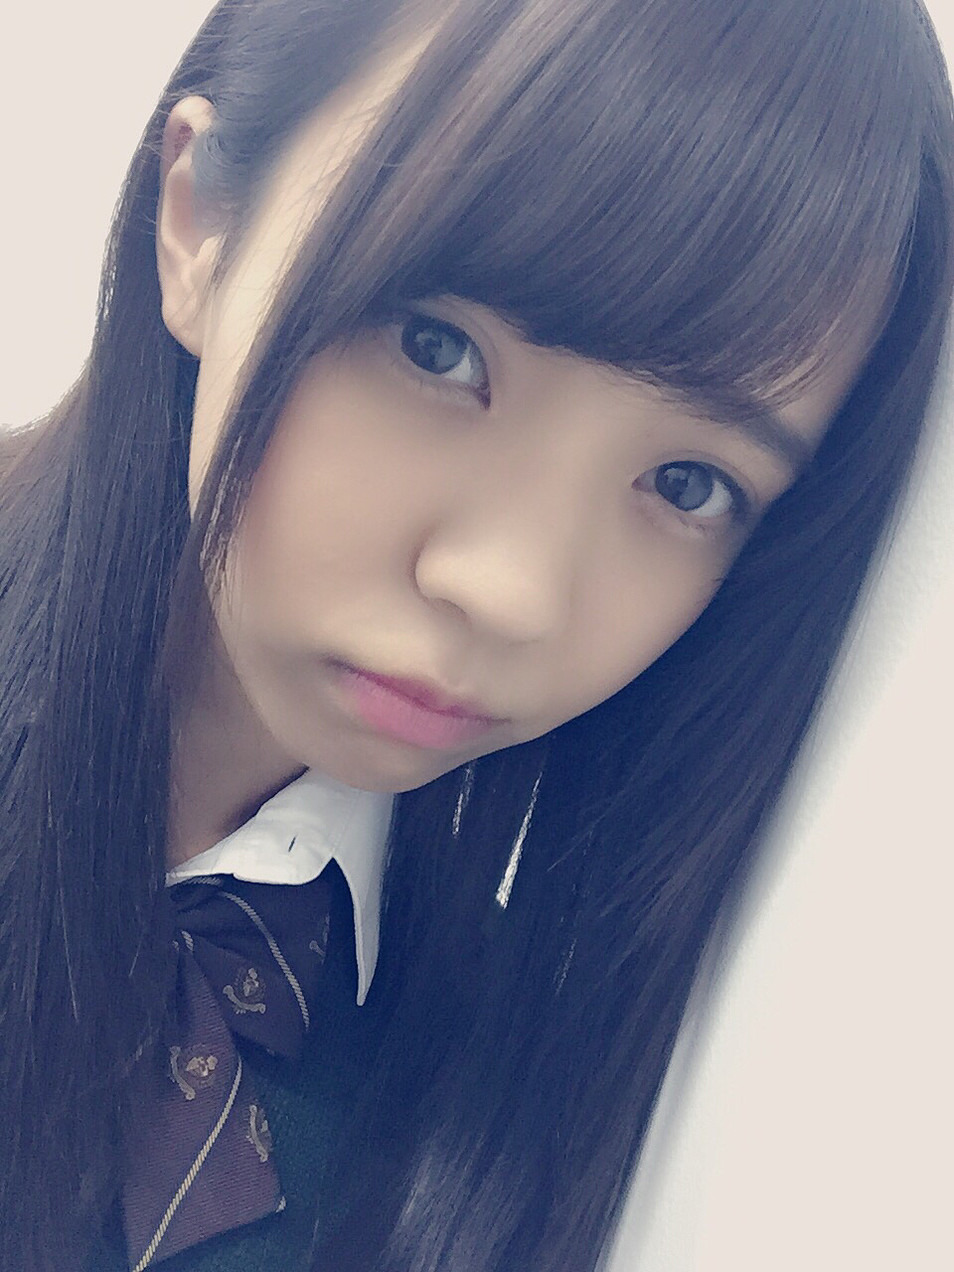 小林由依 (アイドル)の画像 p1_32